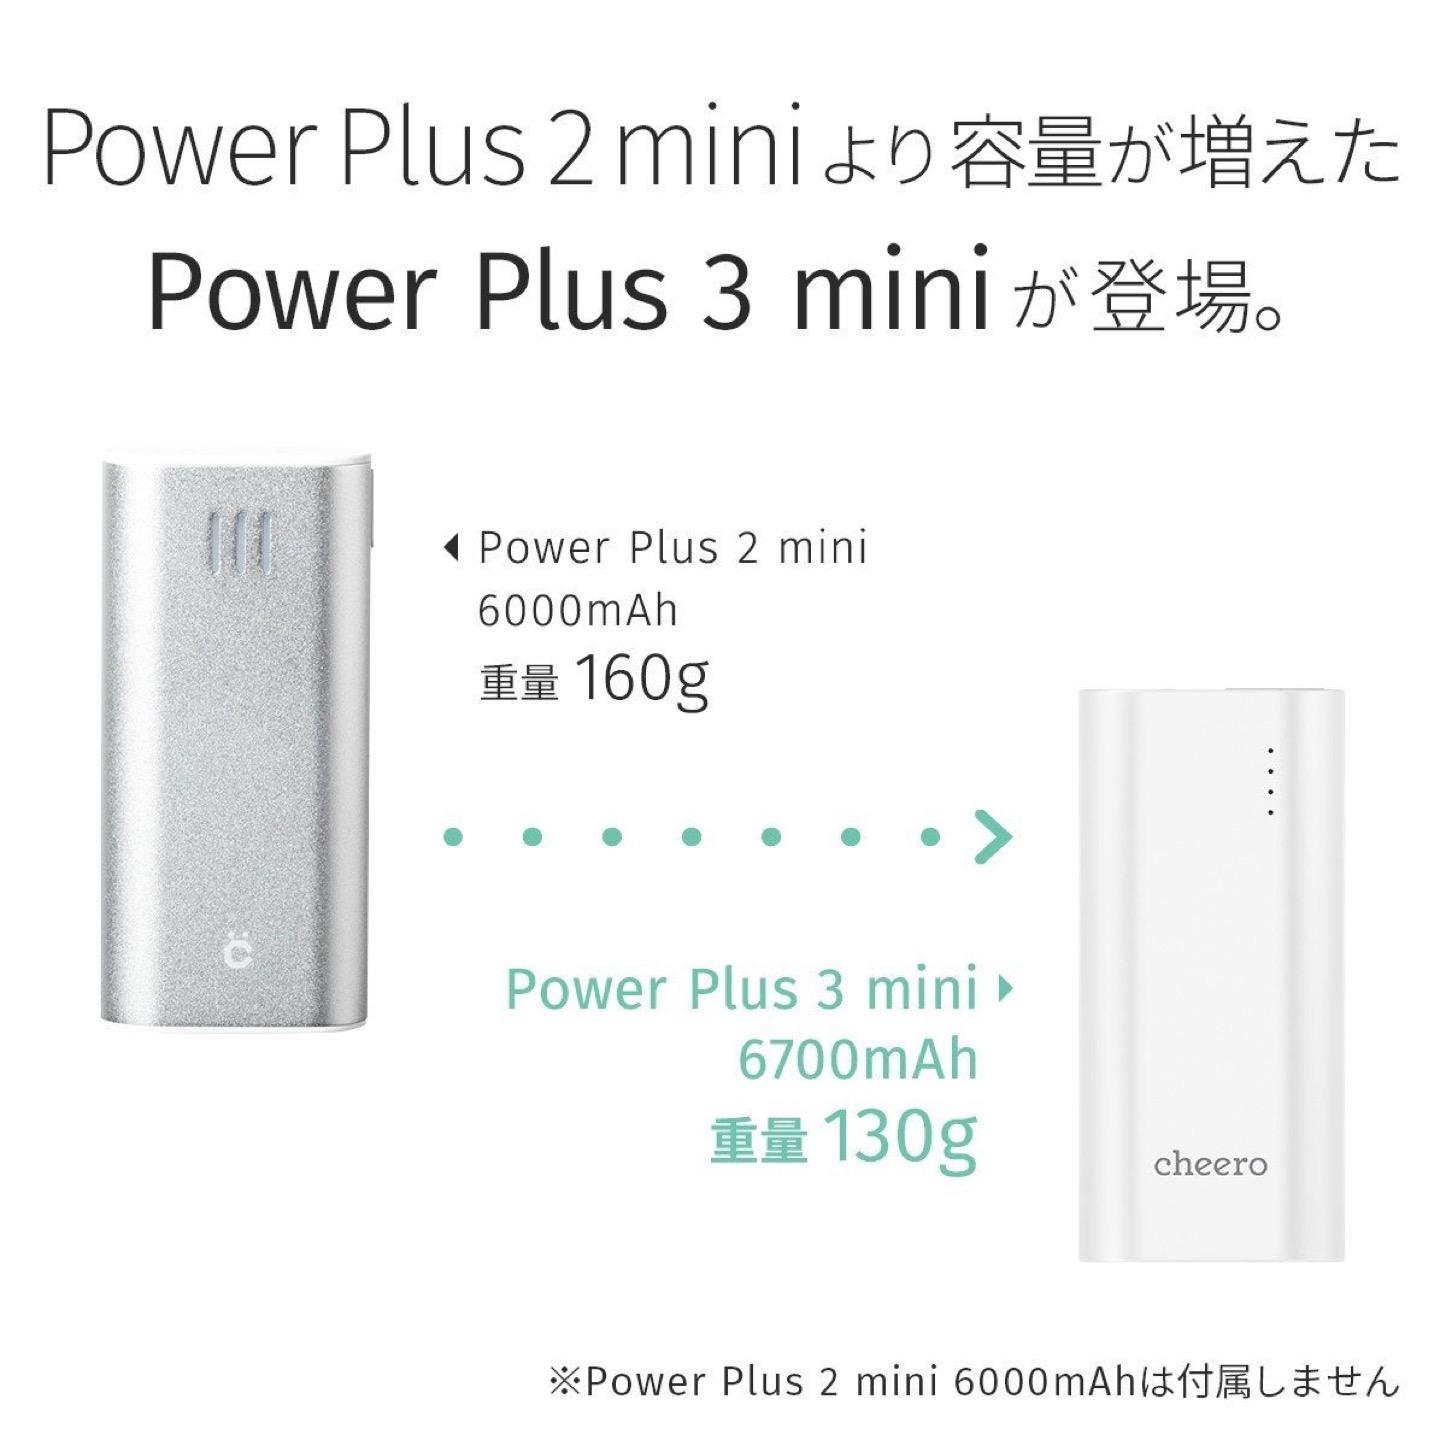 cheero-Power-Plus-3-mini-04.jpg